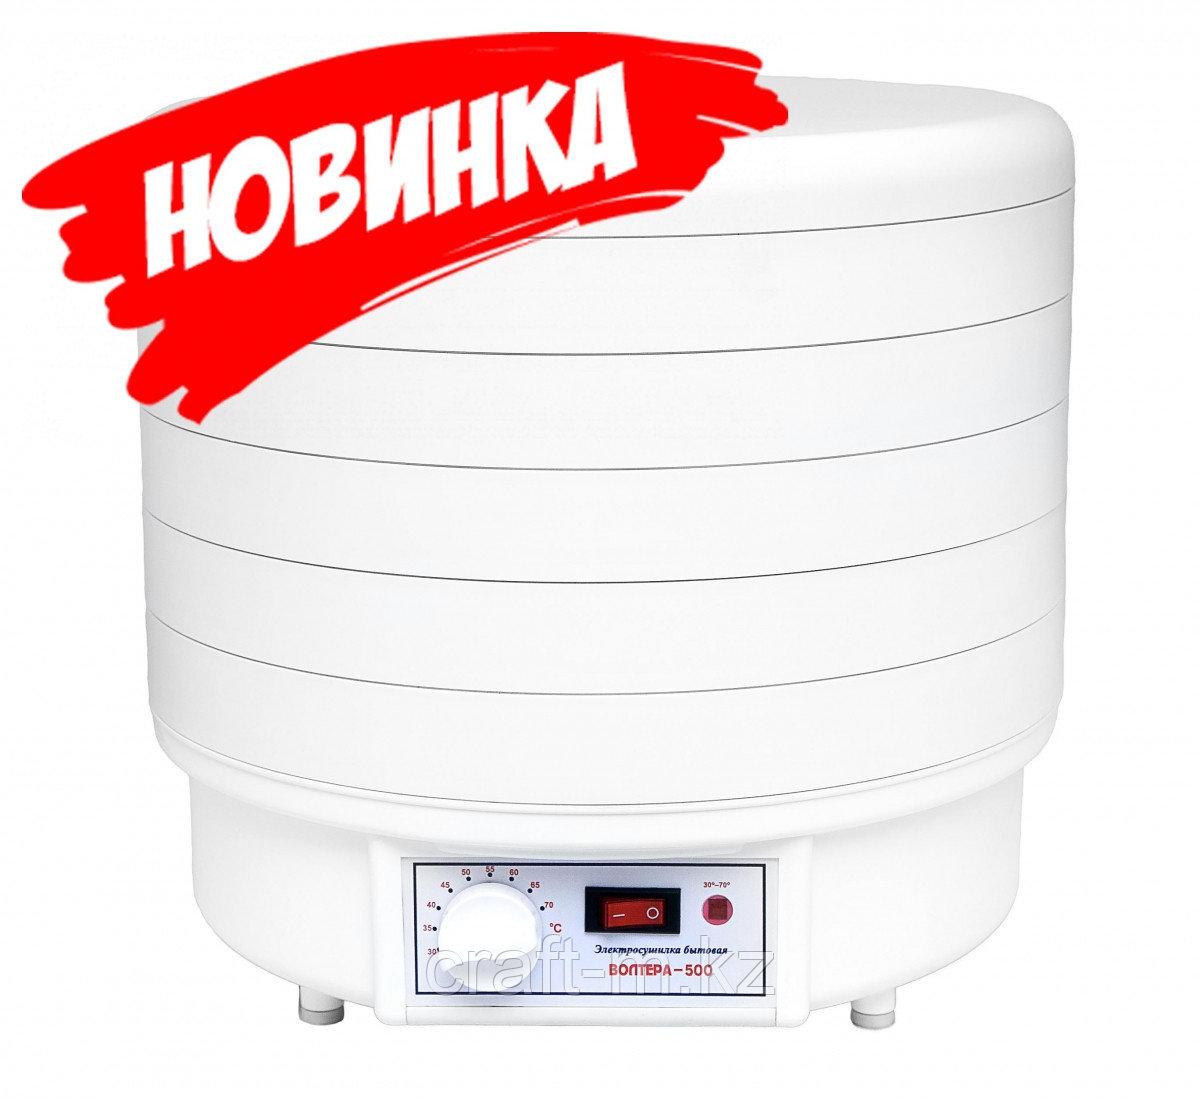 Дегидратор Волтера-500 комфорт (с капилярным термостатом)